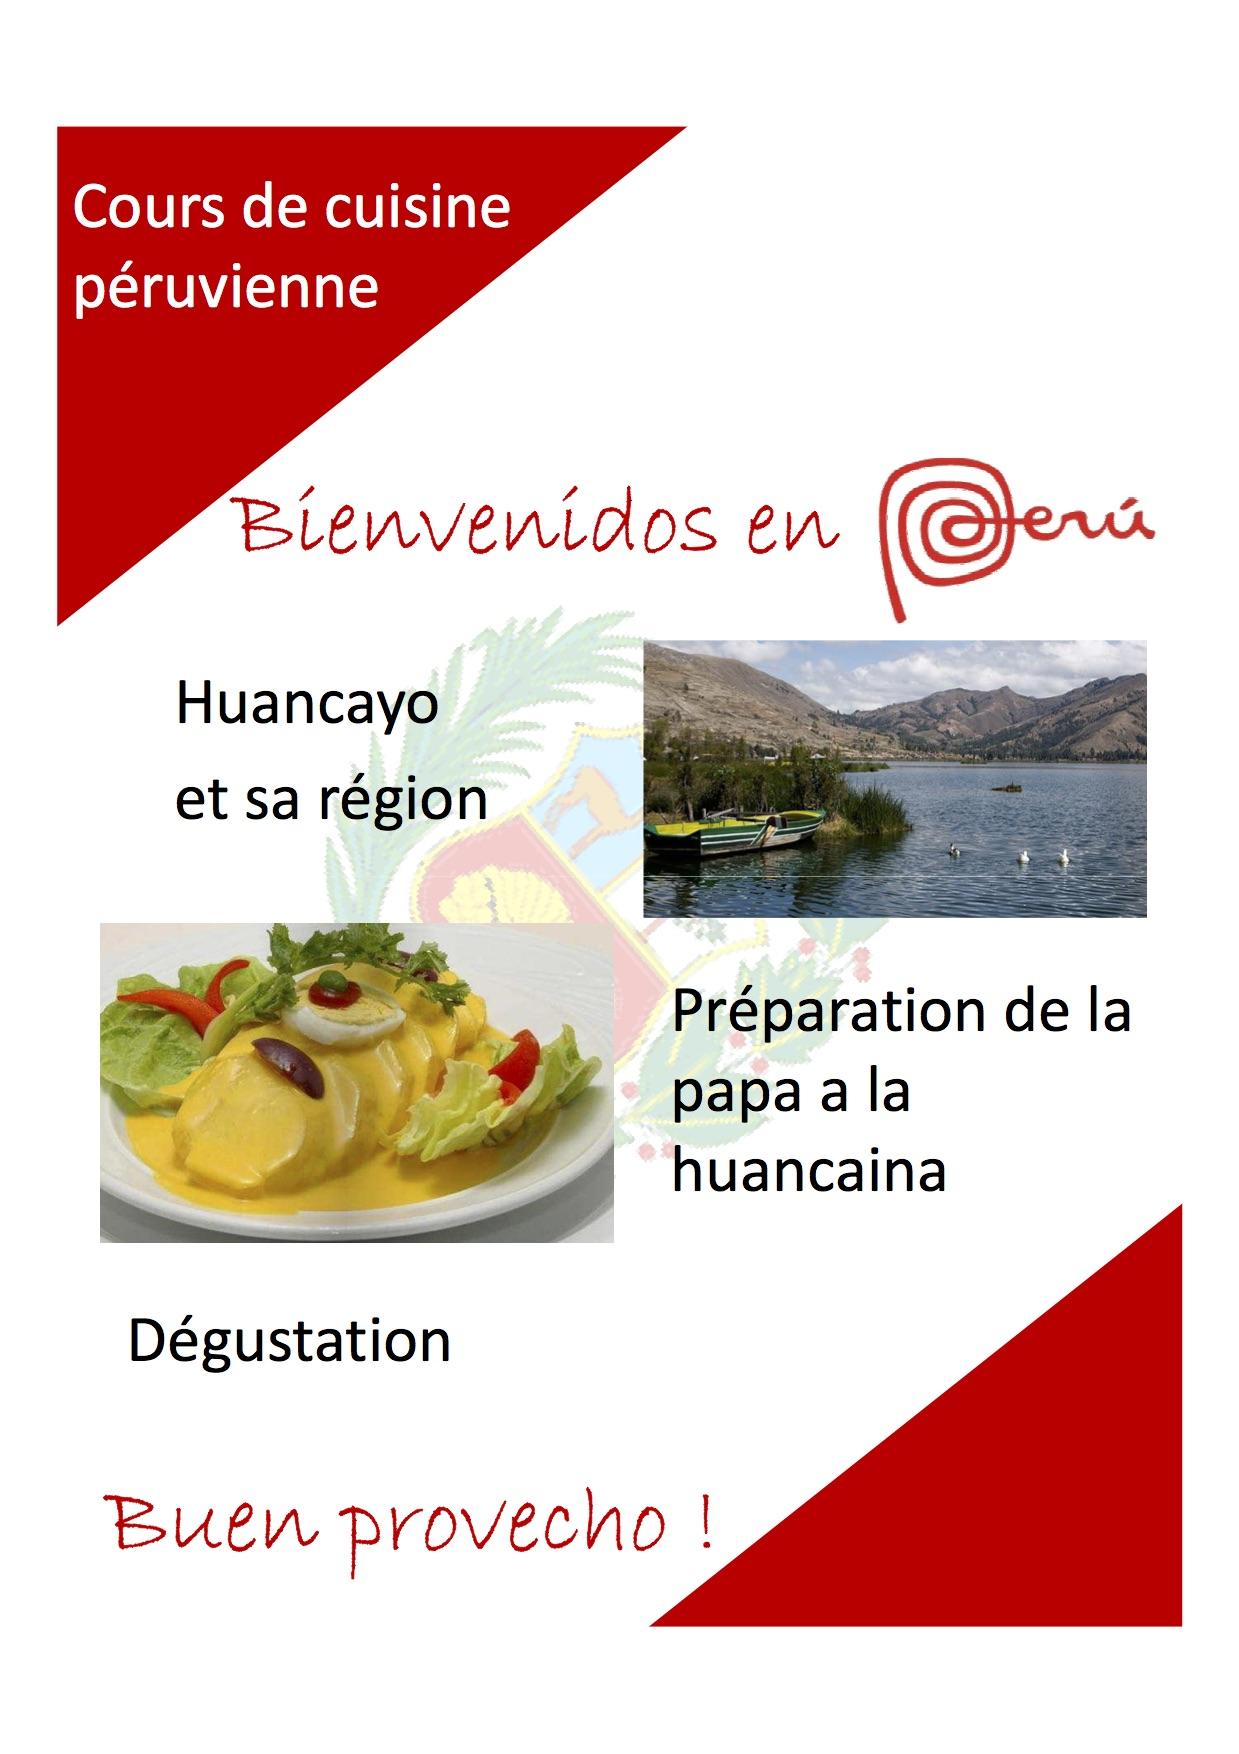 Cours de cuisine p ruvienne espagnol espagnol - Cours de cuisine confluence ...